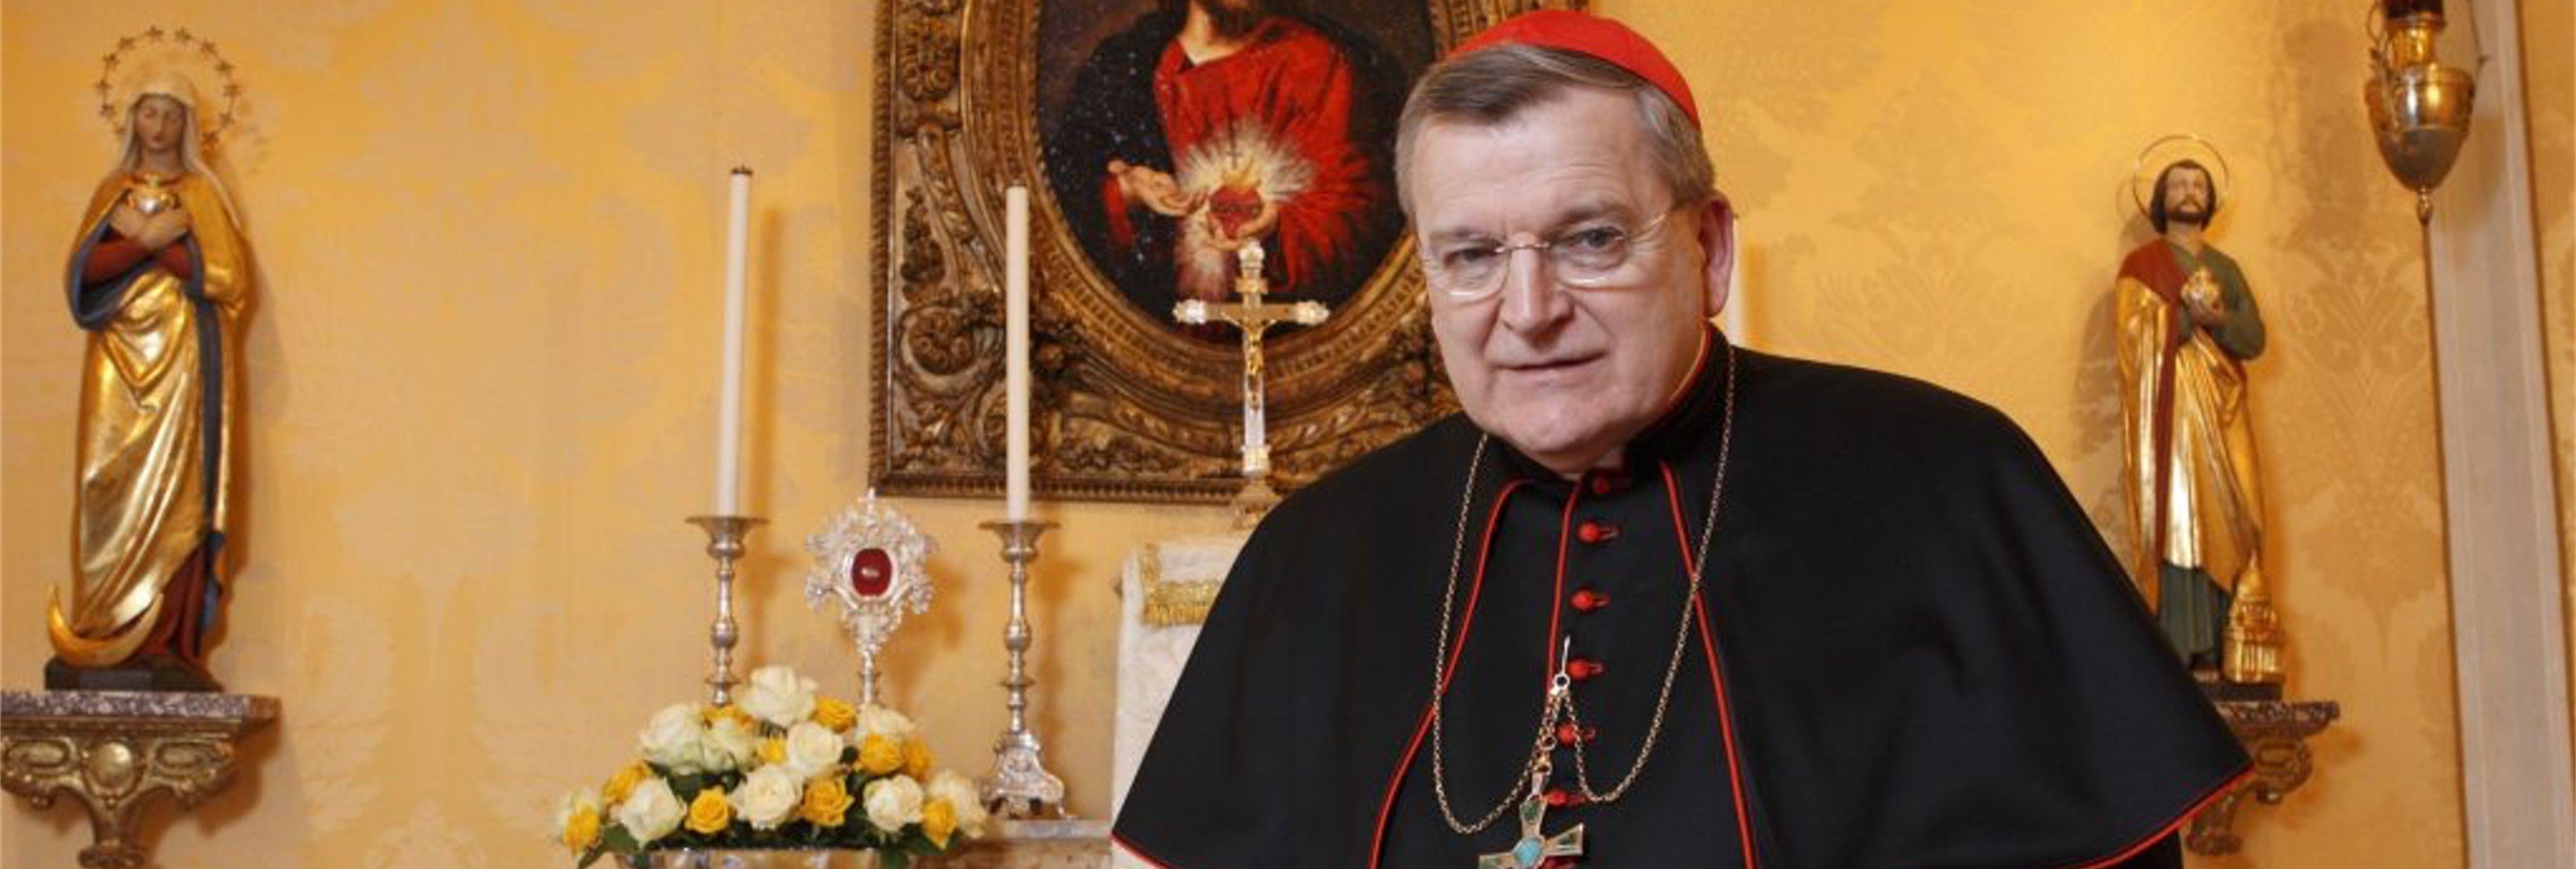 Cardenal católico asegura que la homosexualidad es la culpable del abuso sexual infantil